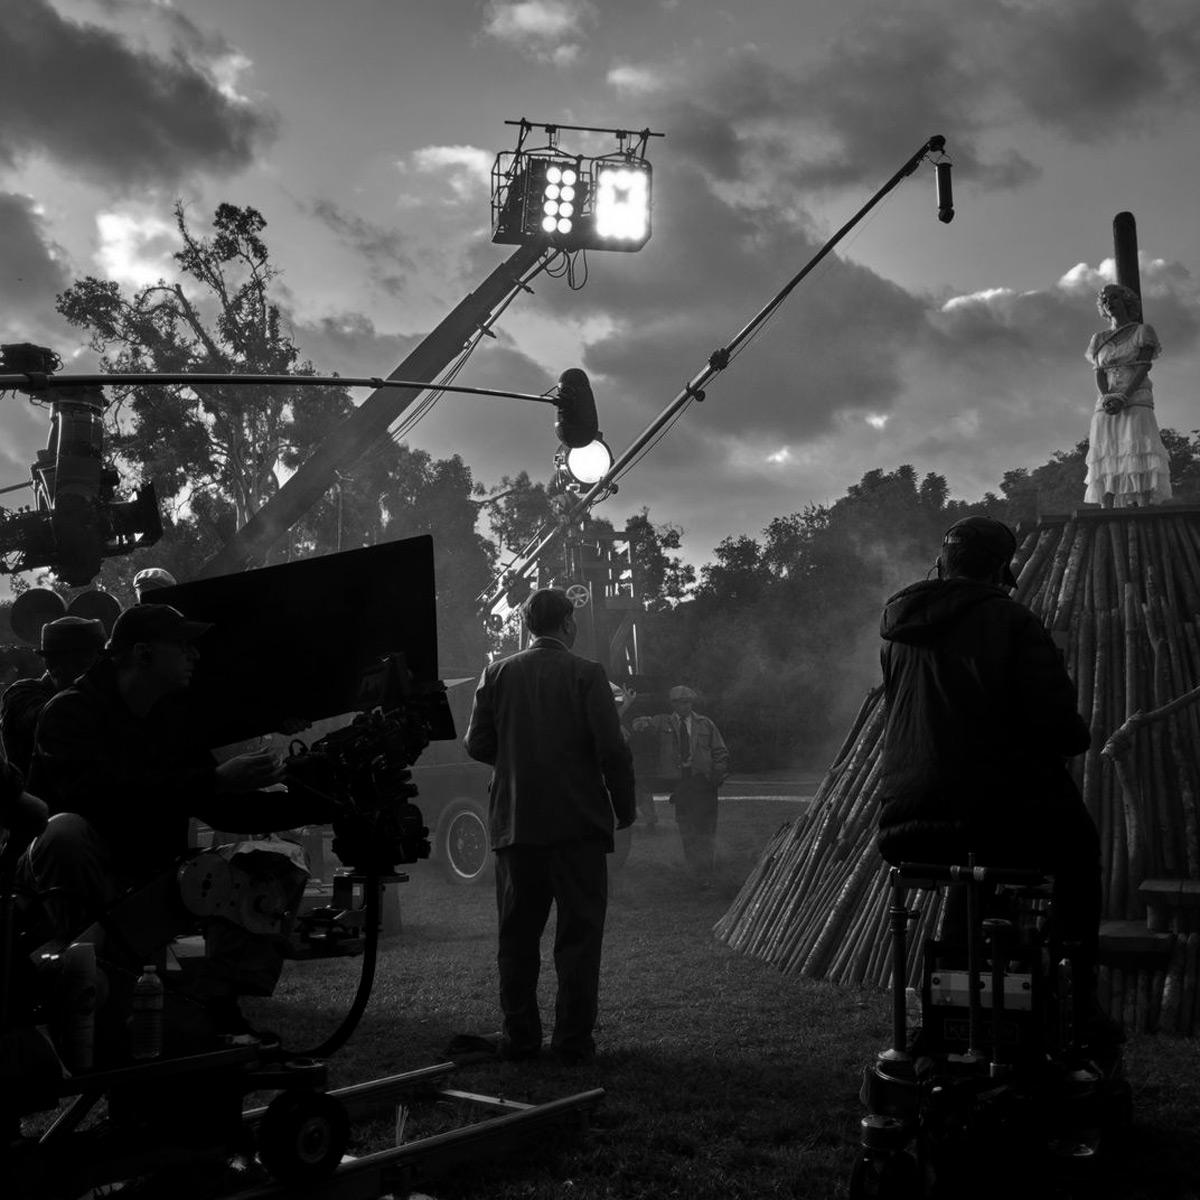 MANK, la película en blanco y negro de David Fincher para Netflix sobre el viejo Hollywood